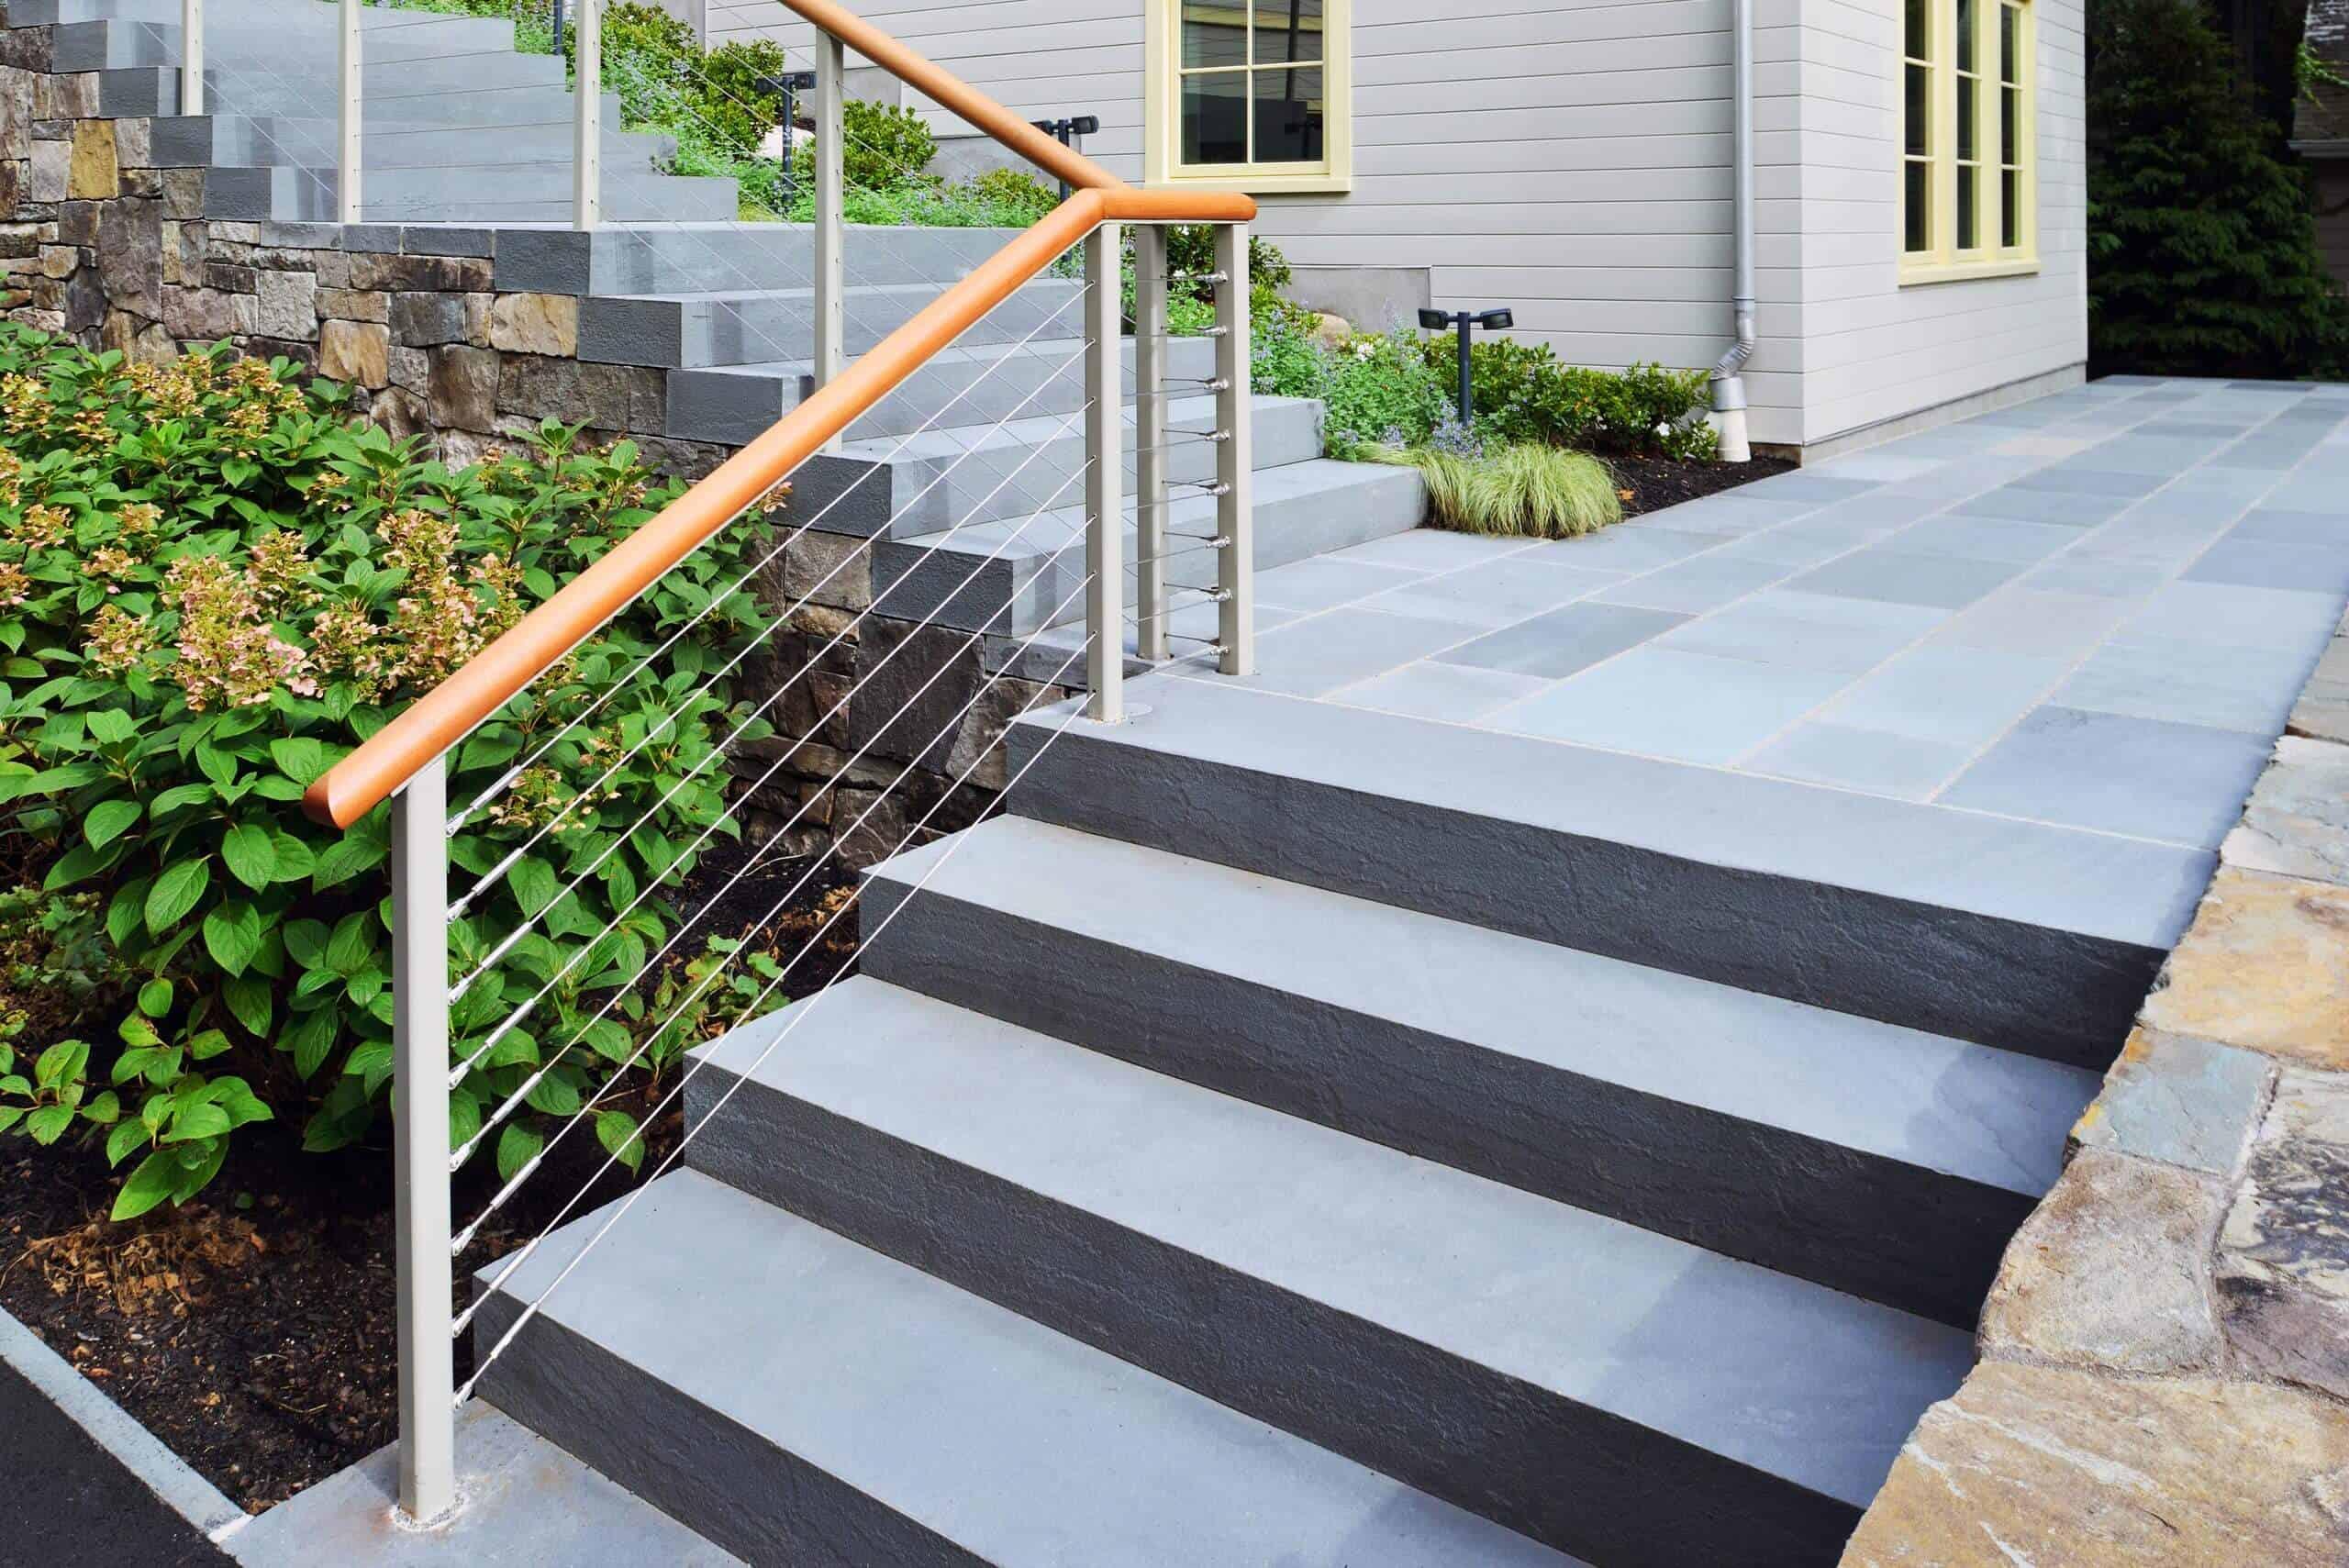 Žgane protizdrsne granitne stopnice - za zunanjo uporabo